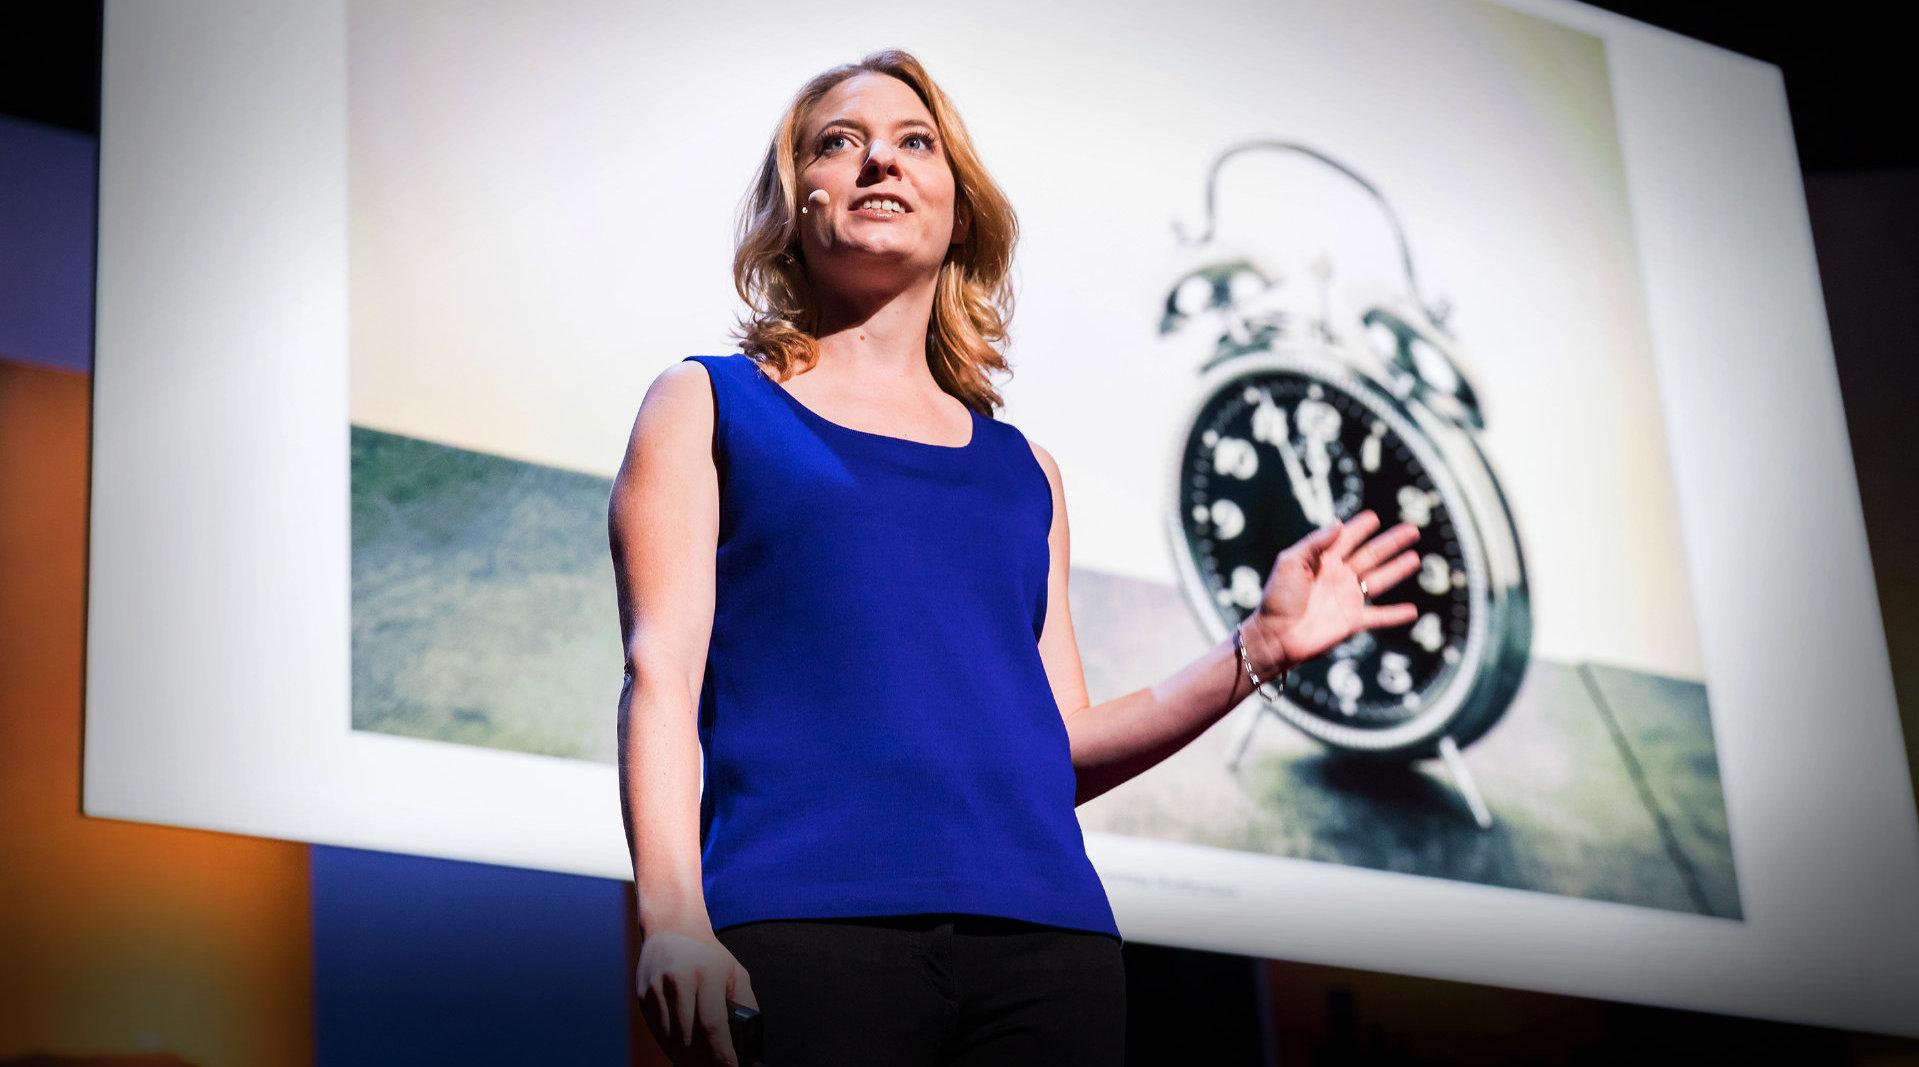 TED演讲:如何高效利用你的碎片时间?